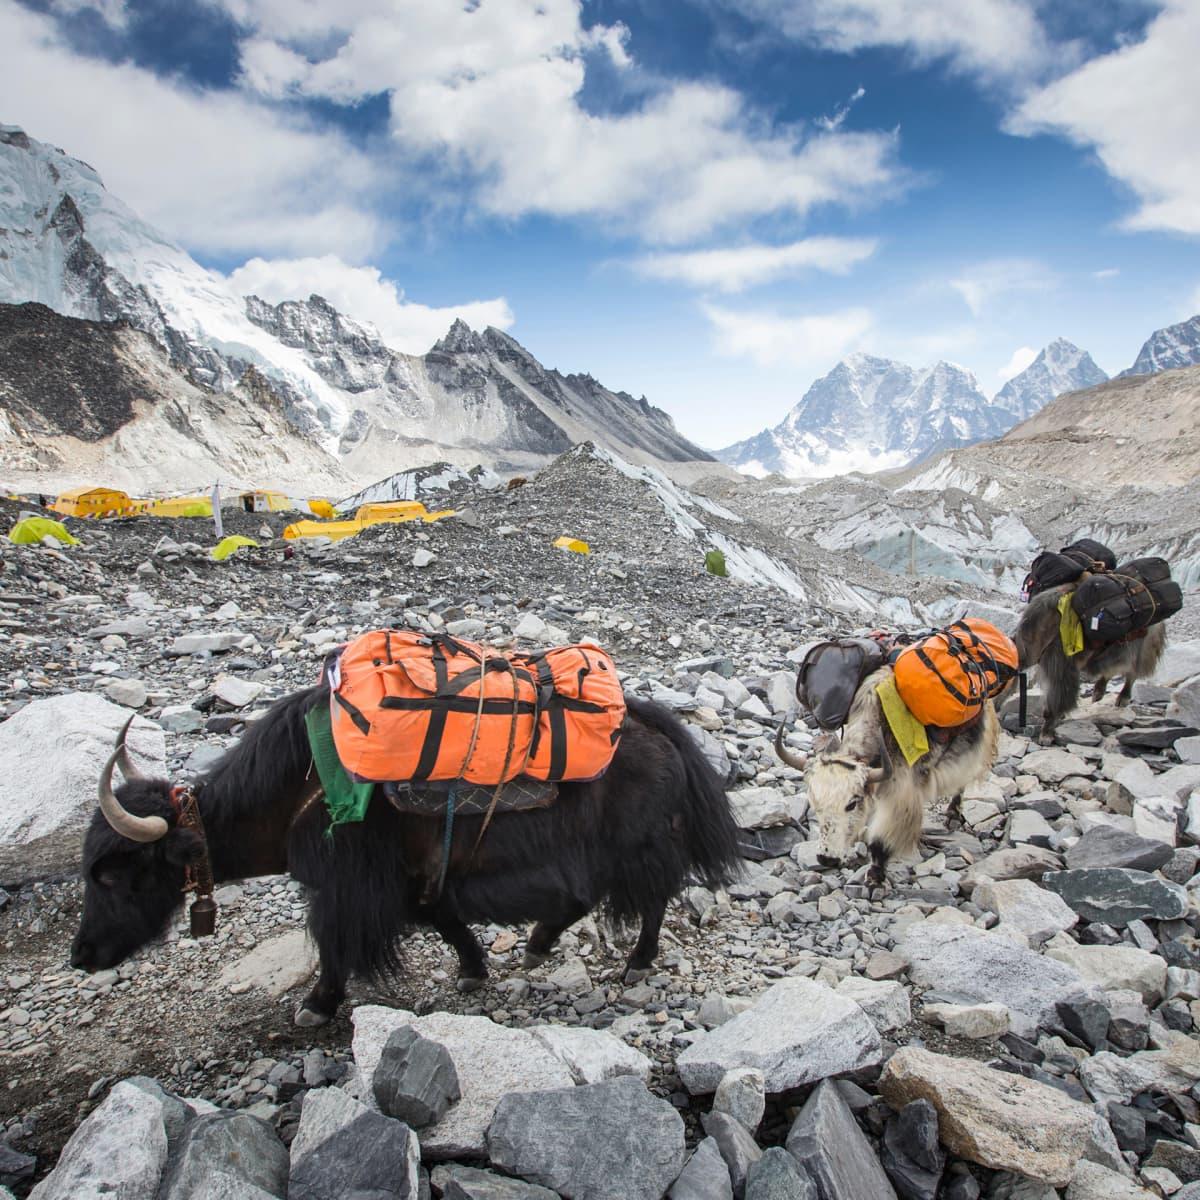 Šerpa jakkeineen saapumassa Mount Everestin basecamppiin 5364 metrin korkeudessa.